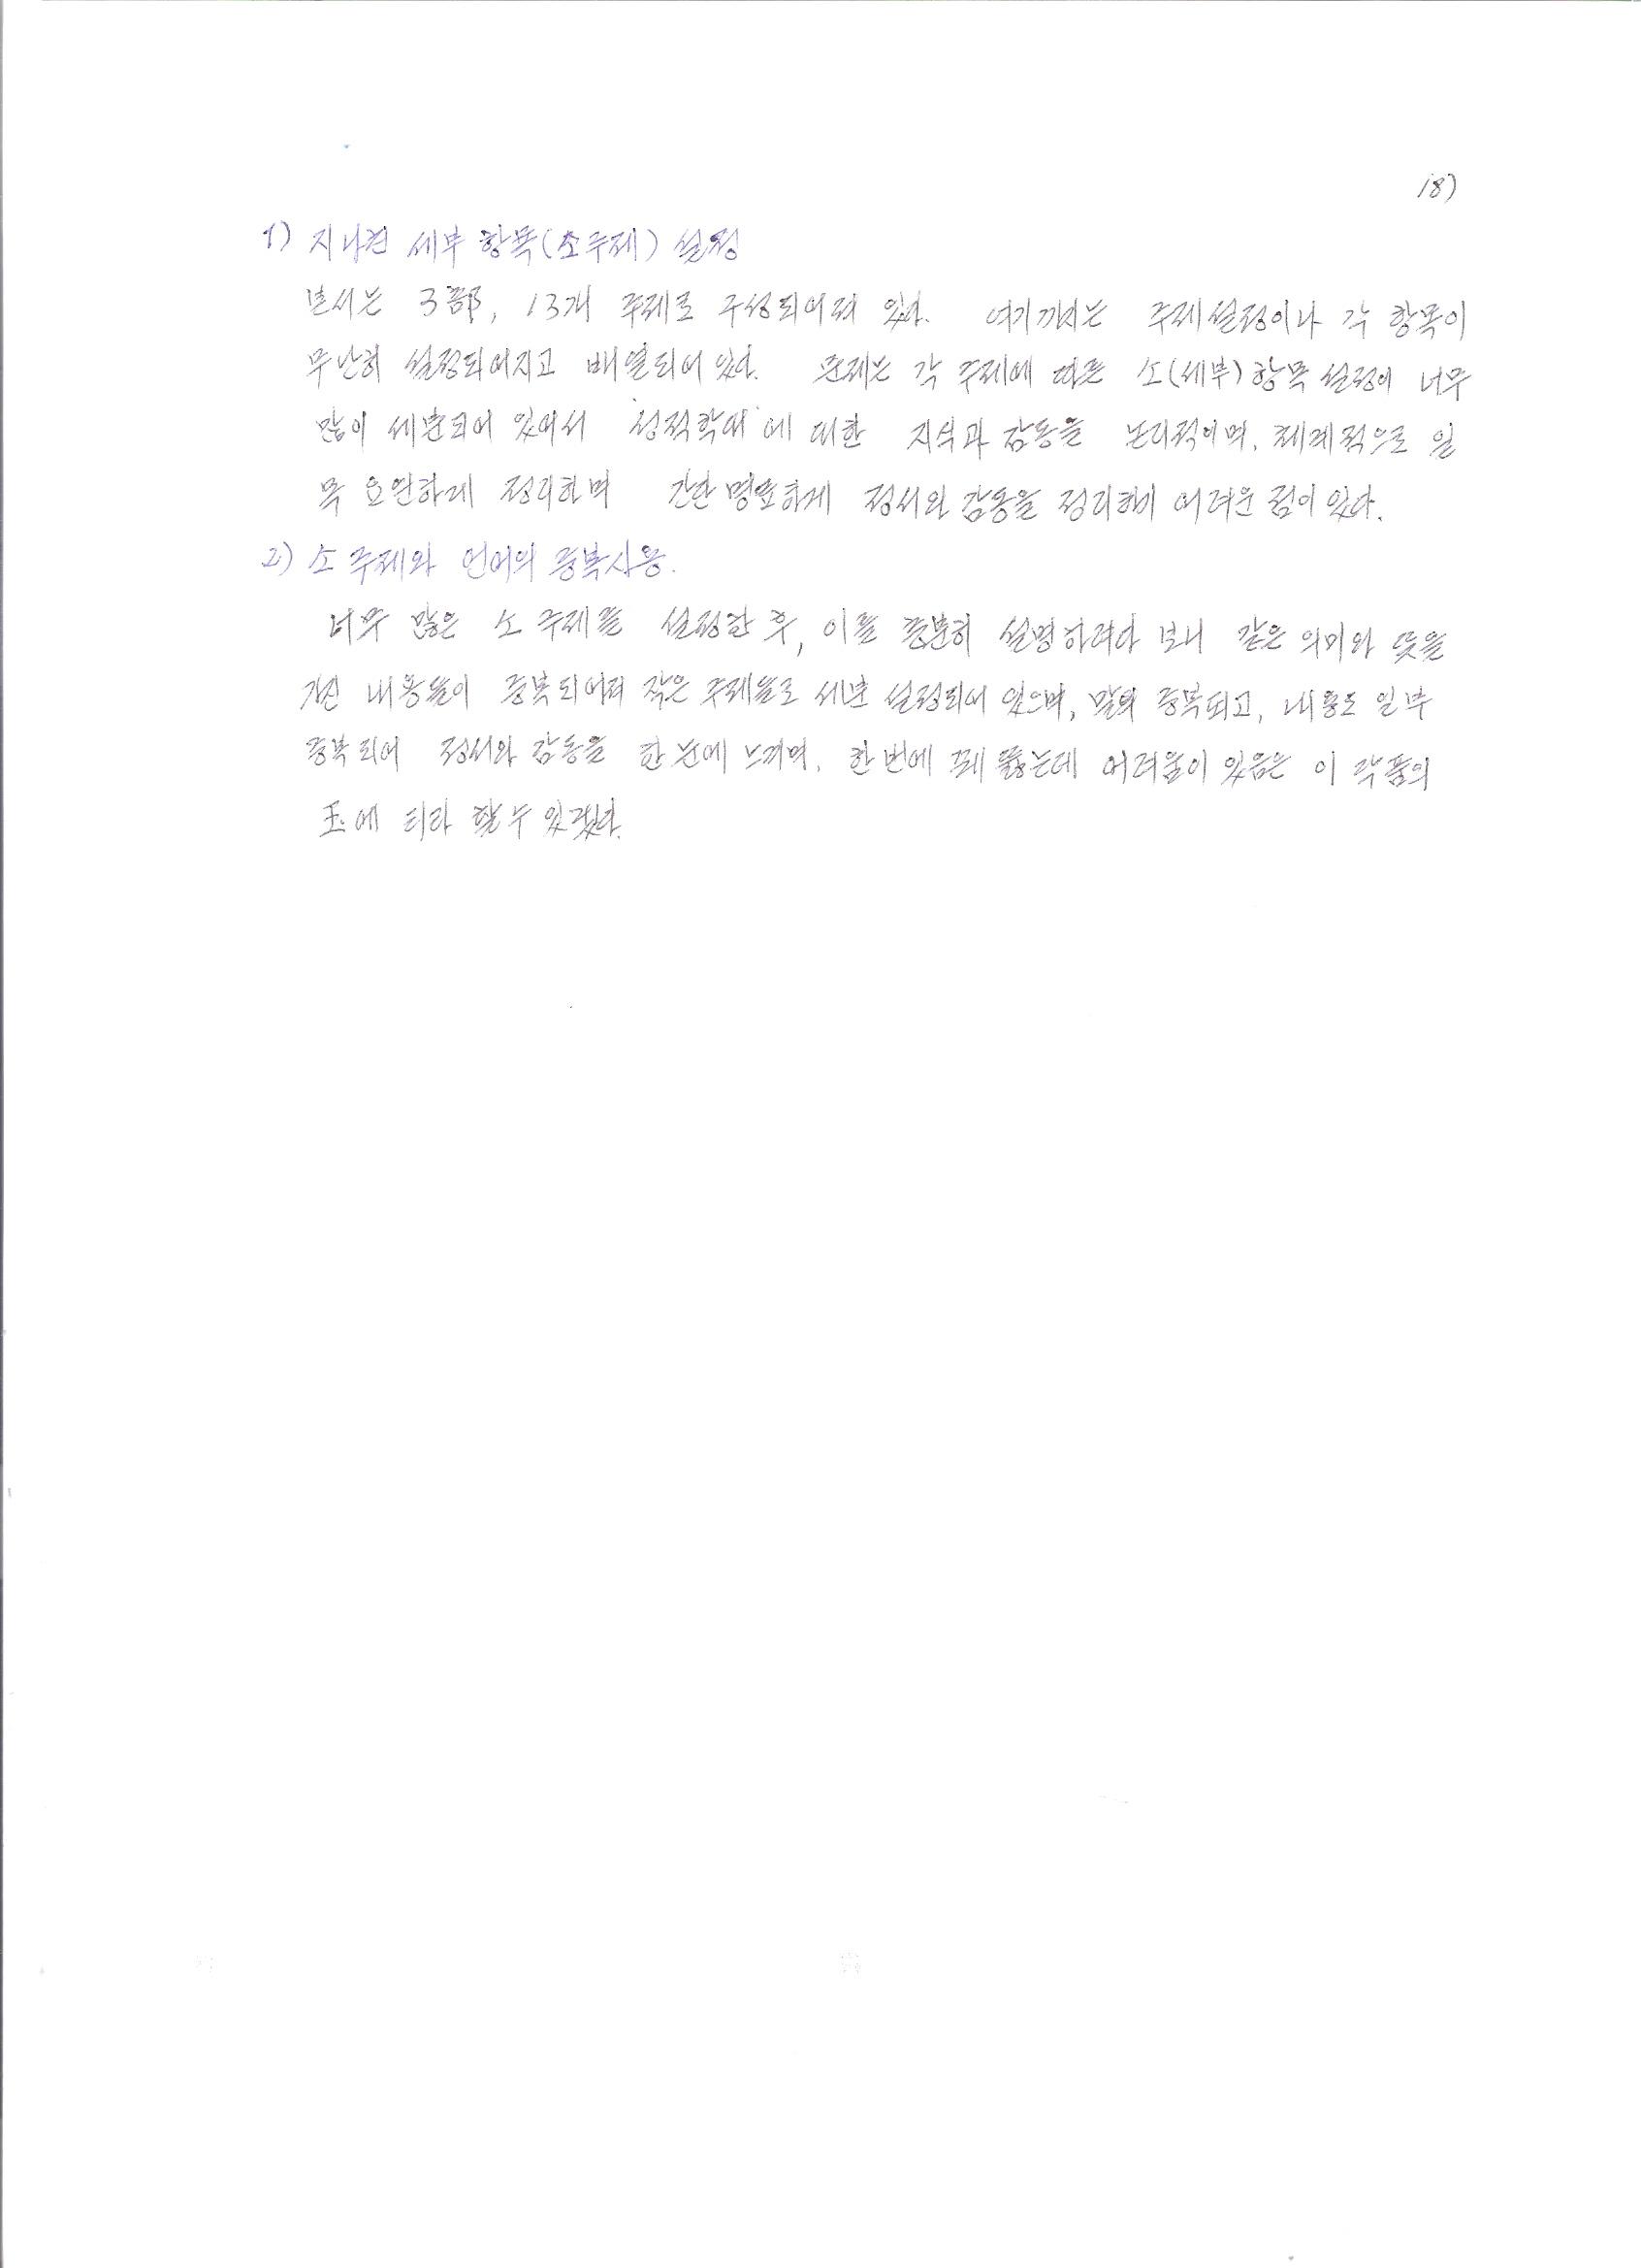 박금천(독후감)상한마음으로부터의자유0018.jpg